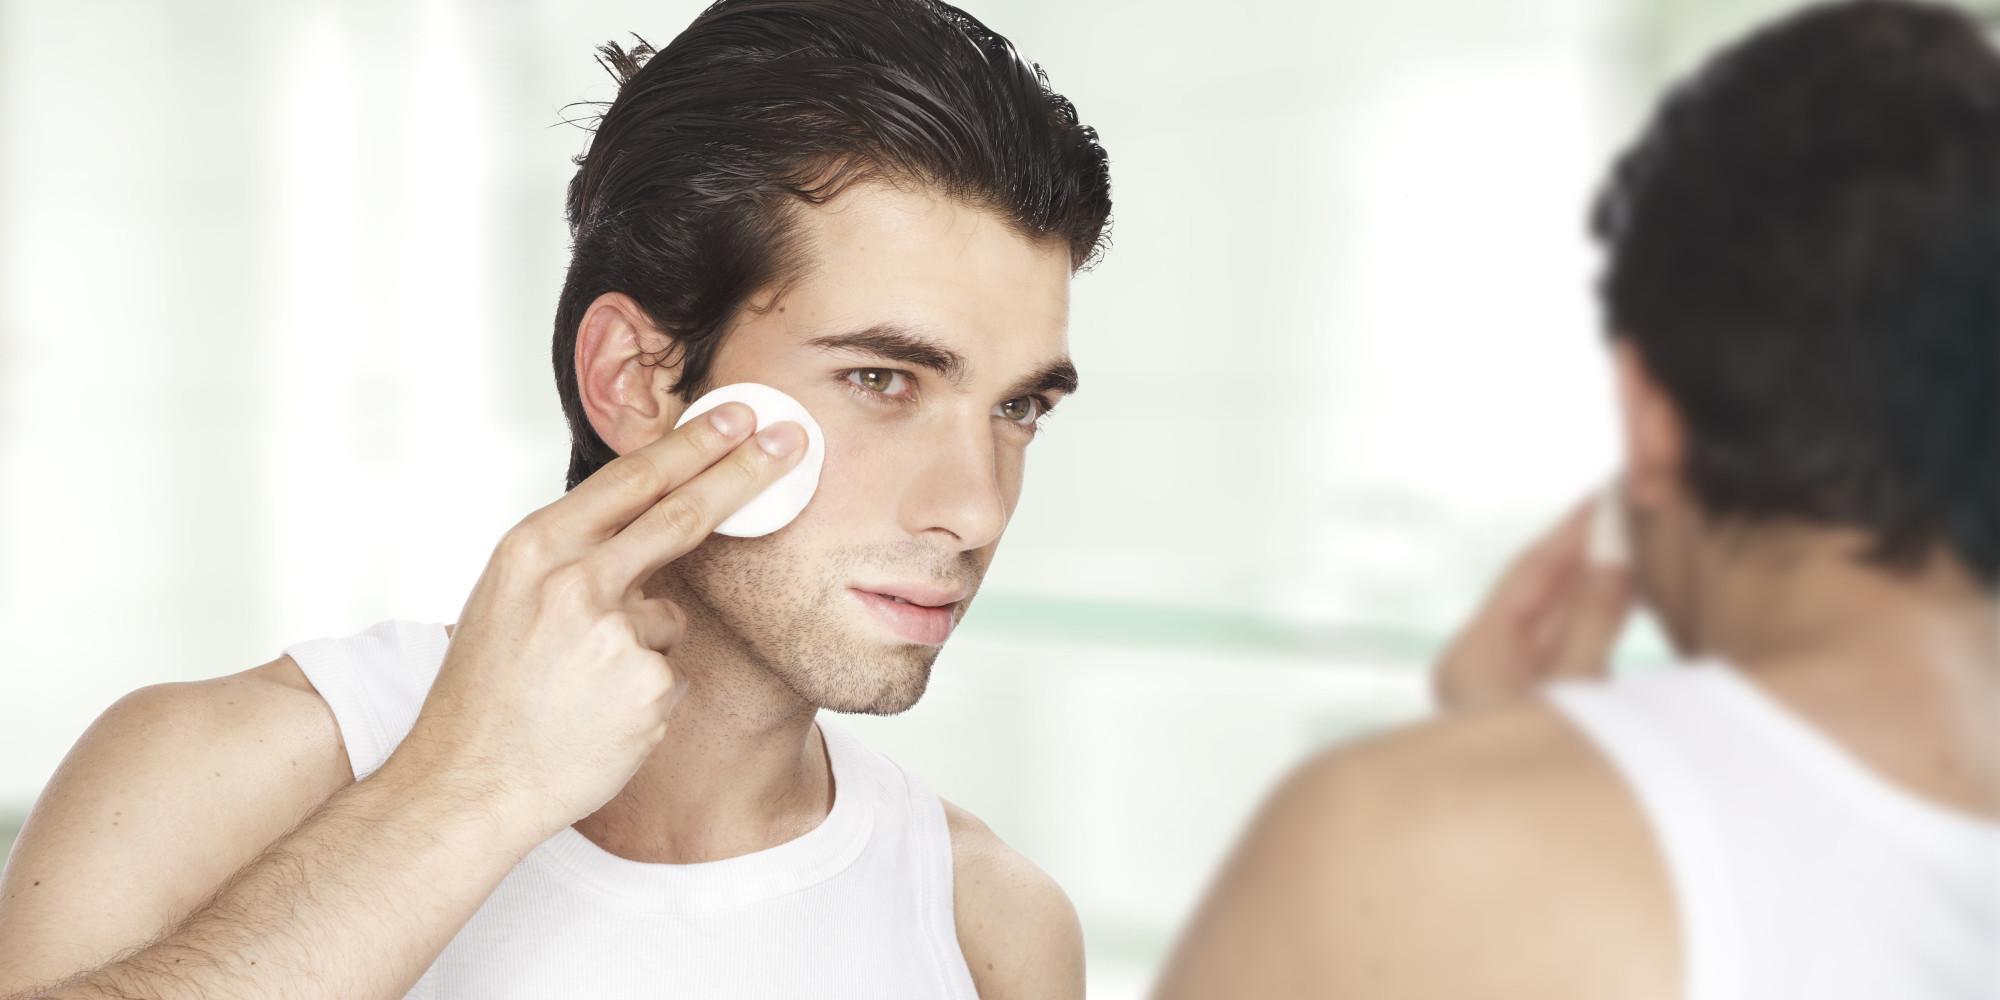 Man looking at his reflection; using facial toner